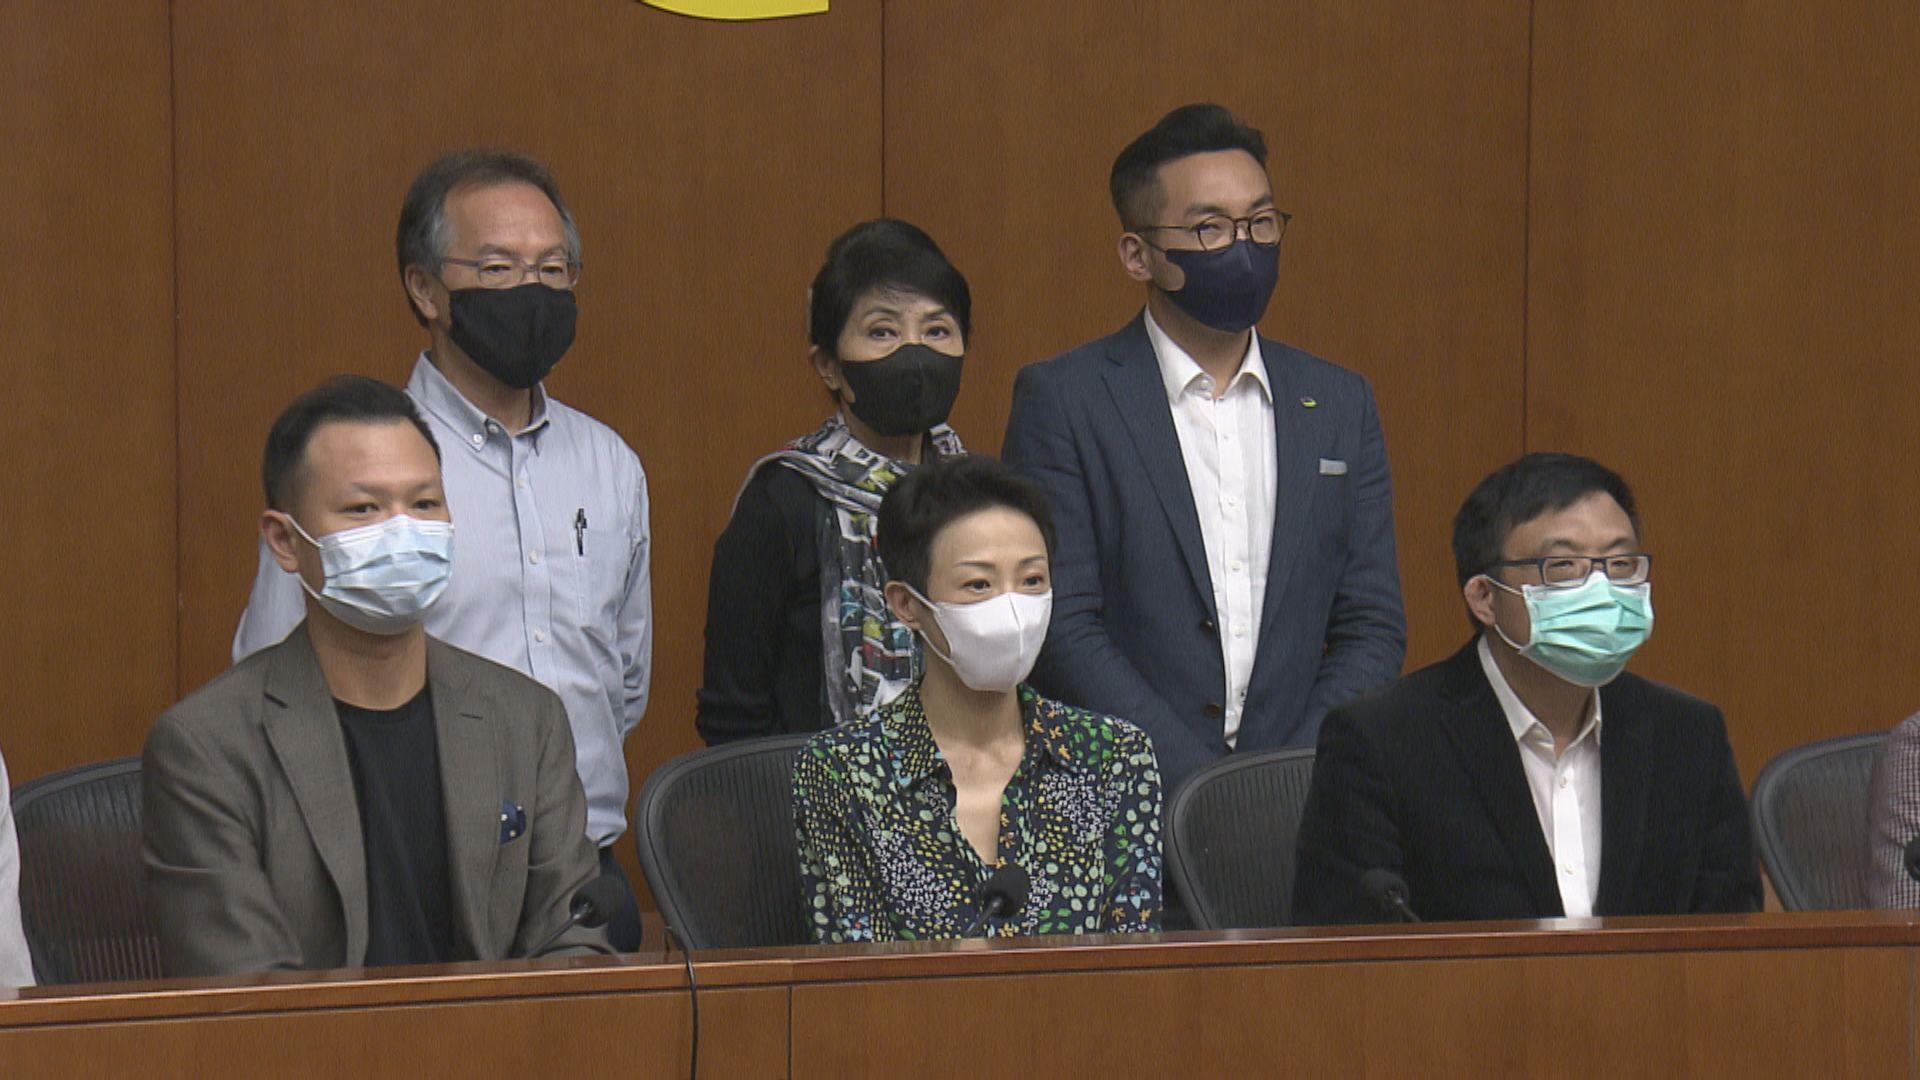 梁君彥冀官員到立會解說港區國安法 民主派批立法過程無諮詢